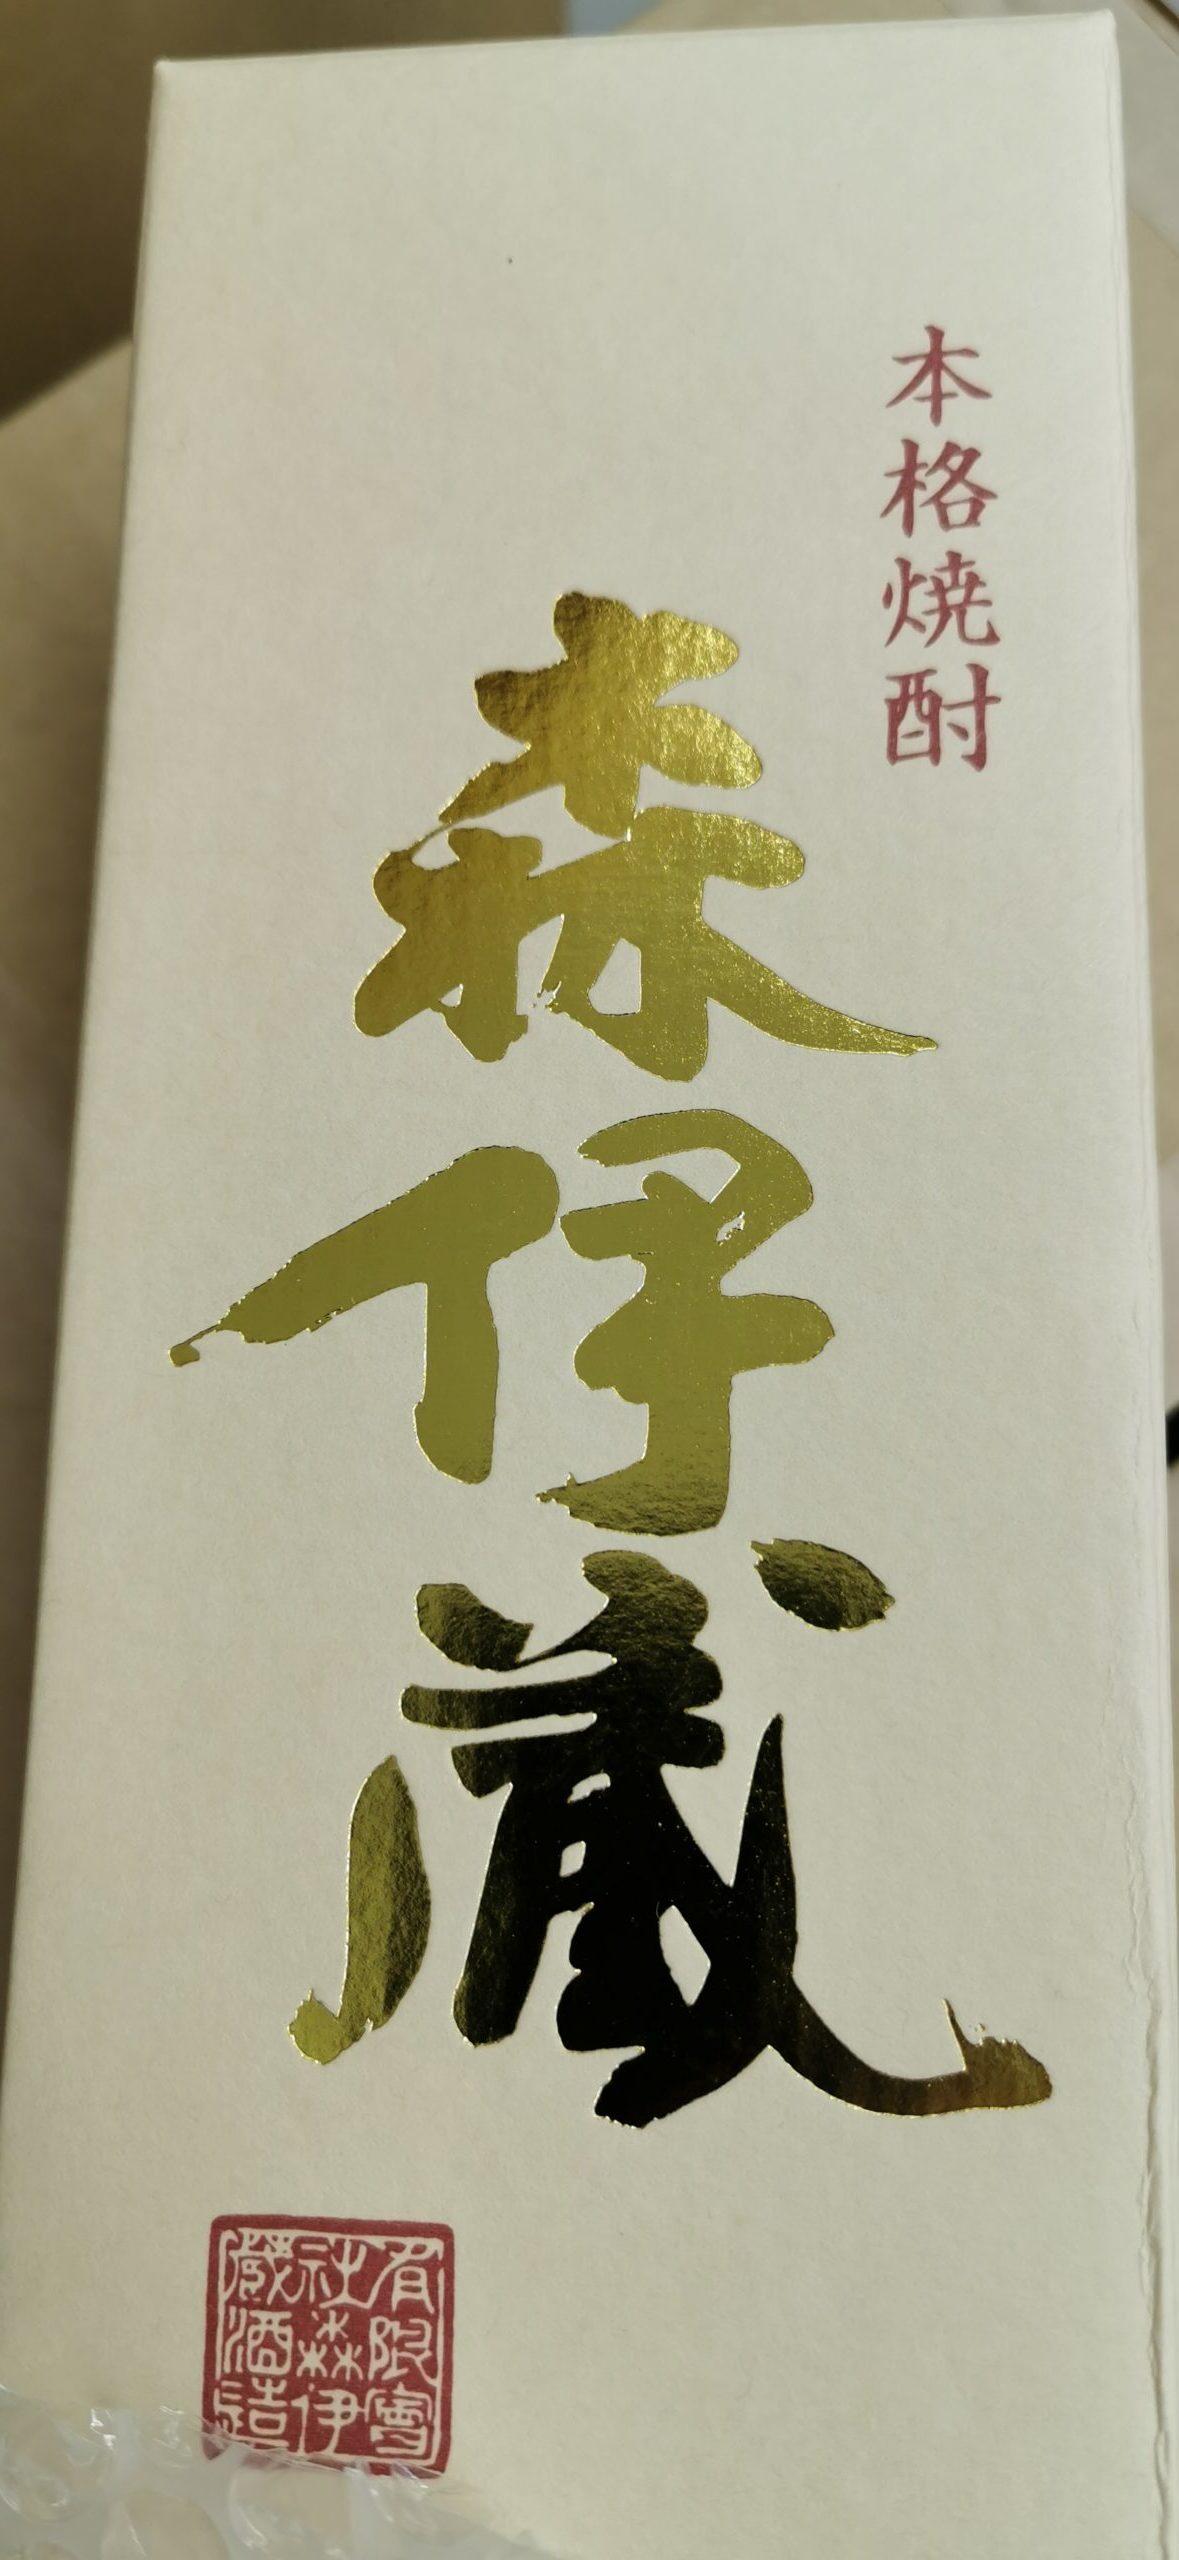 グレダービー賞品 237位 金ラベル本格焼酎「森伊蔵」